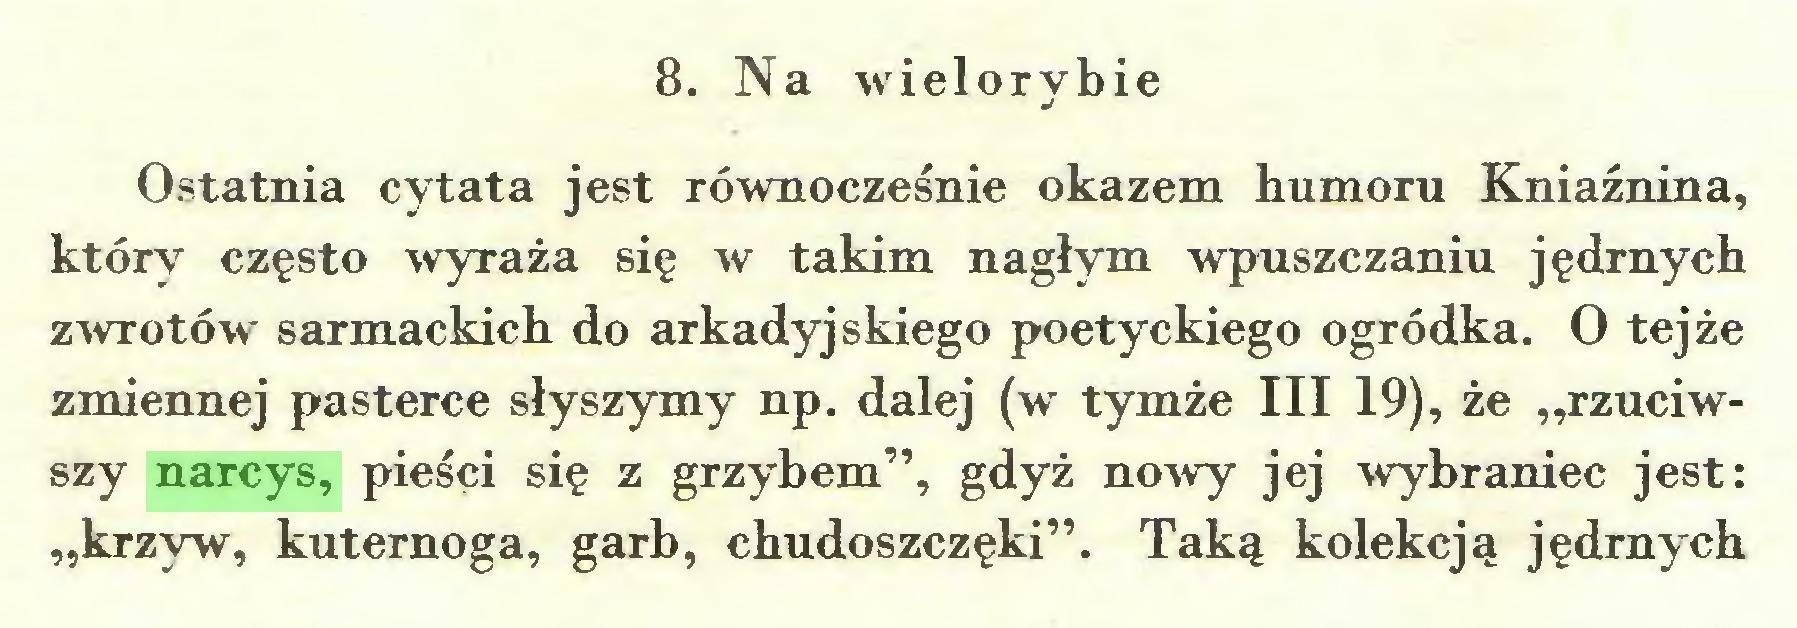 """(...) 8. Na wielorybie Ostatnia cytata jest równocześnie okazem humoru Kniaźnina, który często wyraża się w takim nagłym wpuszczaniu jędrnych zwrotów sarmackich do arkadyjskiego poetyckiego ogródka. O tejże zmiennej pasterce słyszymy np. dalej (w tymże III 19), że """"rzuciwszy narcys, pieści się z grzybem"""", gdyż nowy jej wybraniec jest: """"krzyw, kuternoga, garb, chudoszczęki"""". Taką kolekcją jędrnych..."""